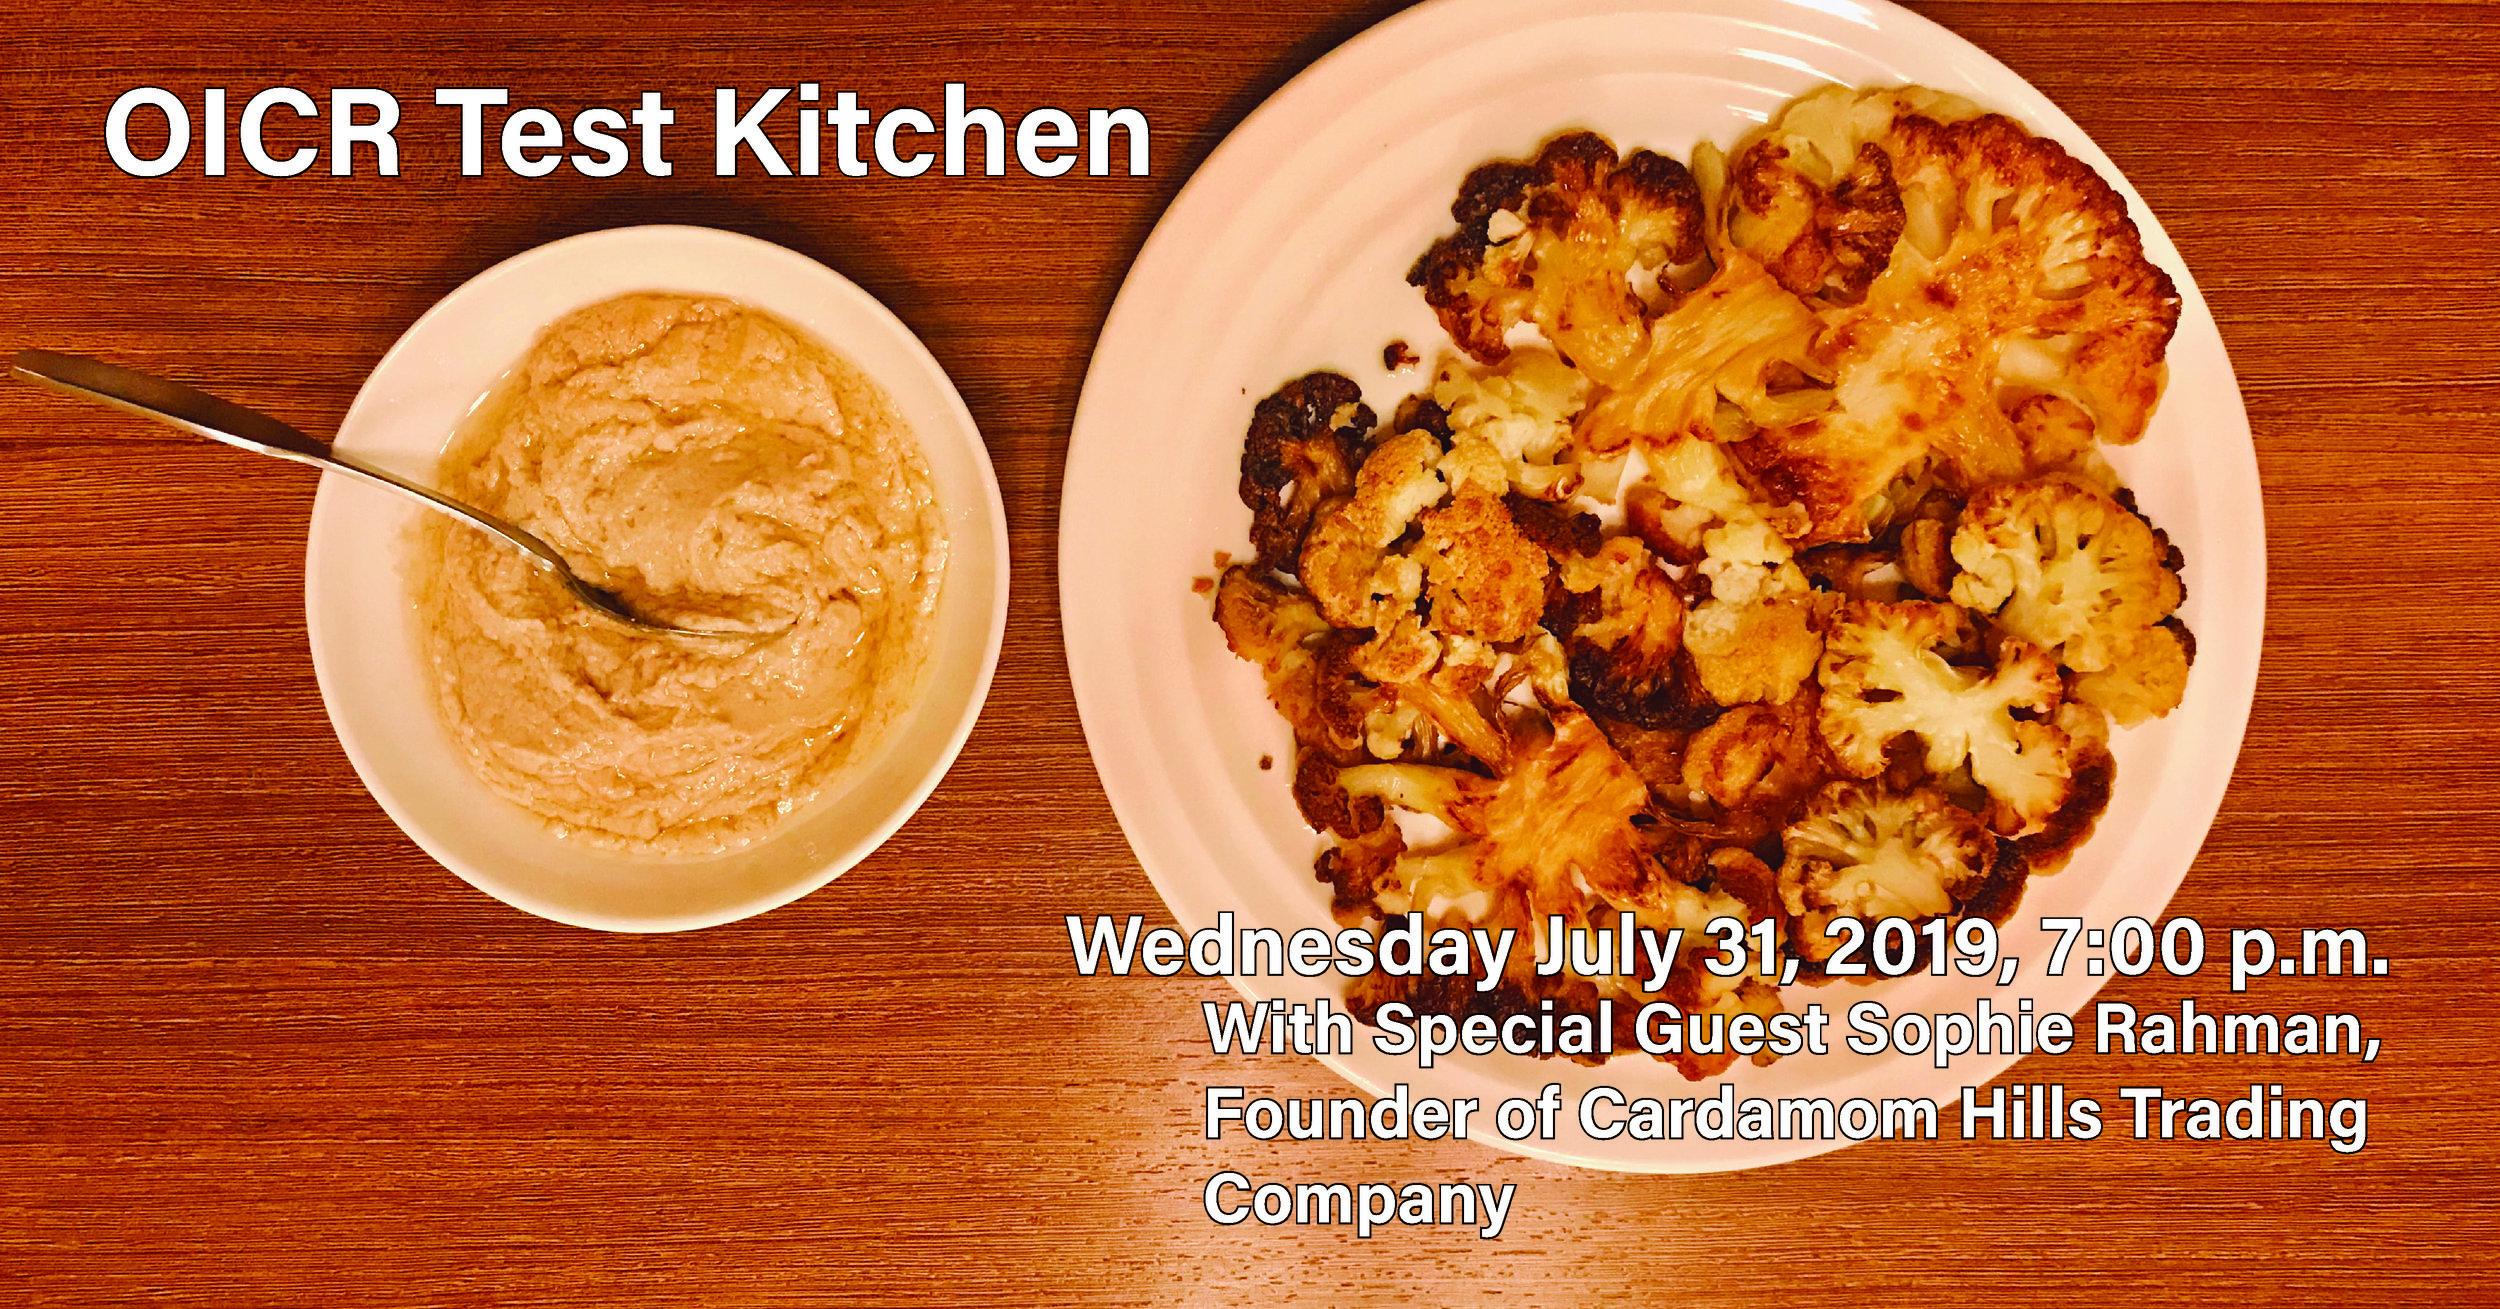 OICR_Test_Kitchen_Invitationv2.jpg